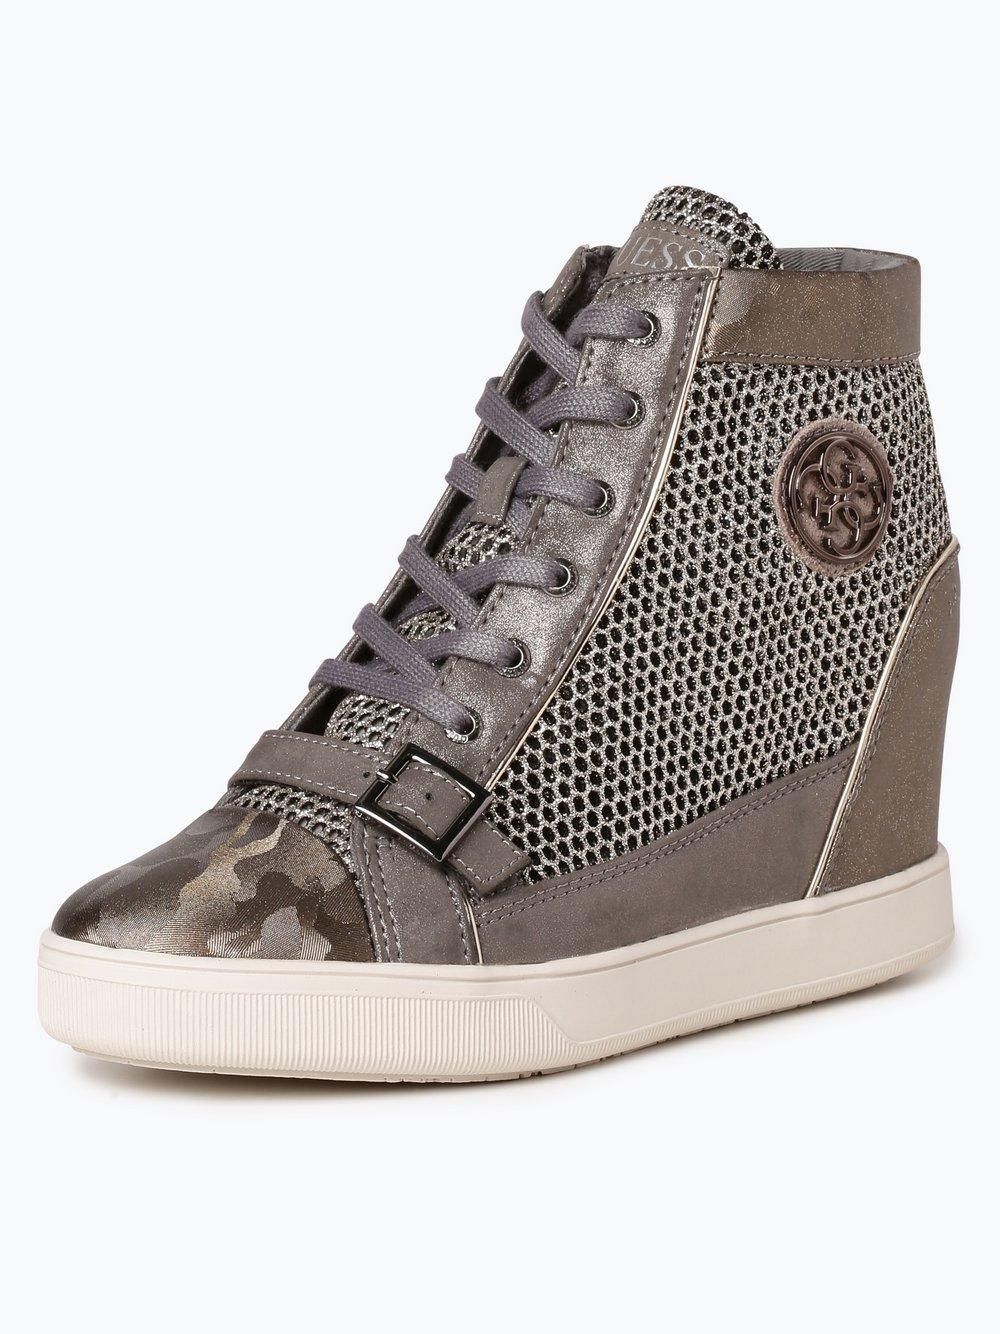 Guess Jeans Damen Sneaker online kaufen | VANGRAAF.COM